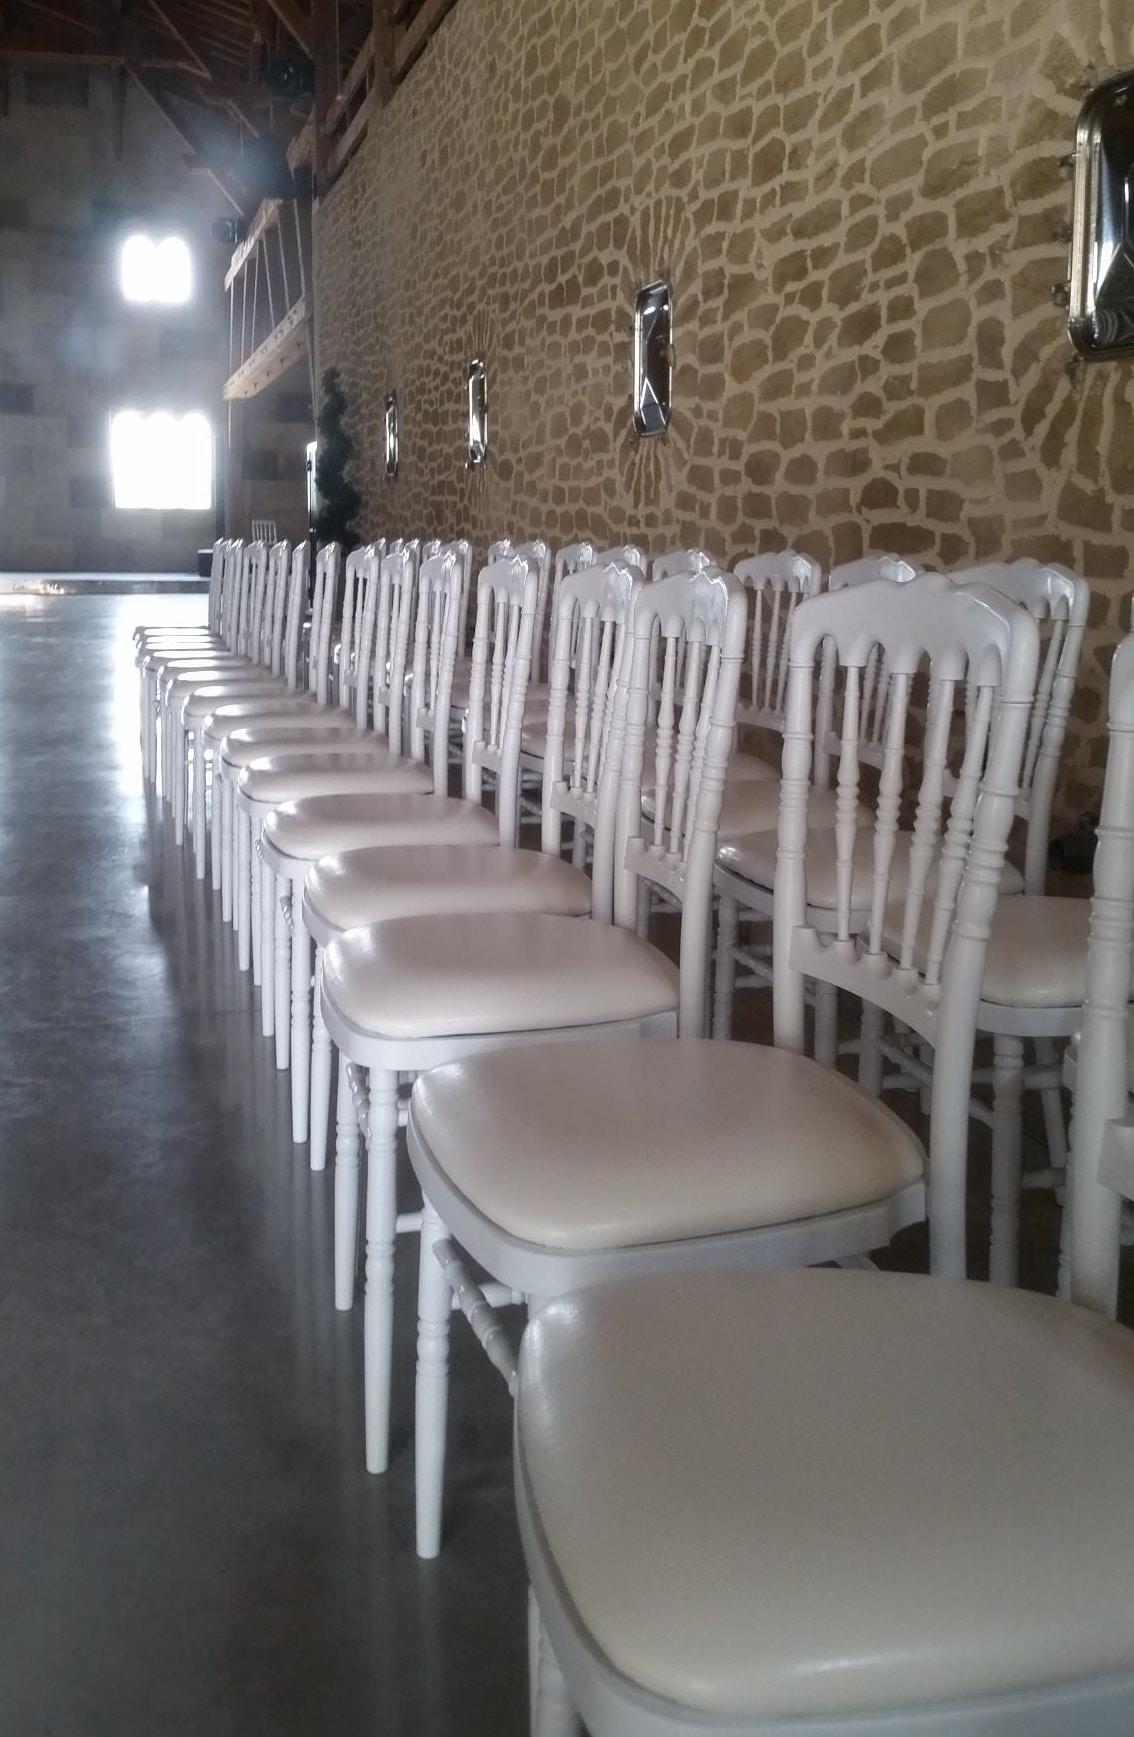 Location de chaise pas cher deco chaise pour mariage best of location housse de chaise mariage - Location housse de chaise lyon ...